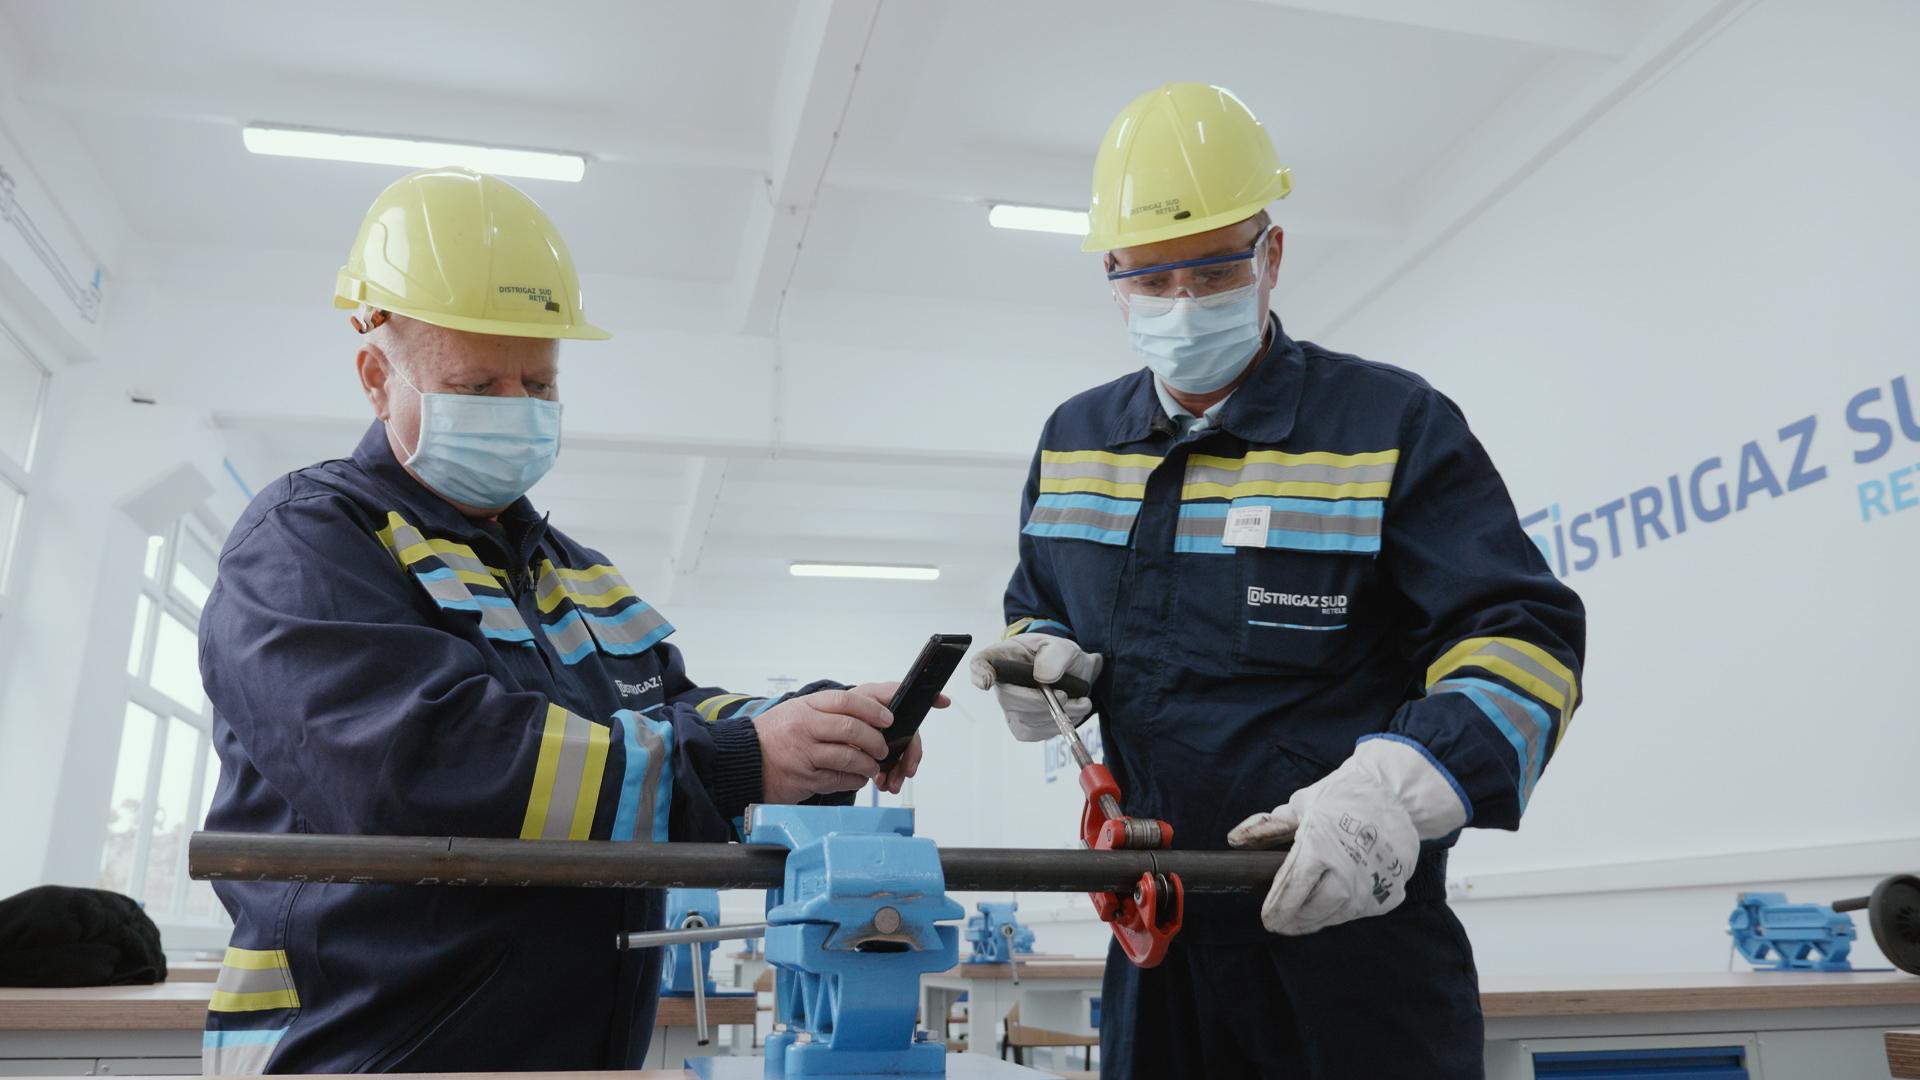 ENGIE continuă investiția în formarea tinerelor generații de instalatori, prin lansarea a două noi clase de învățământ profesional în sistem dual